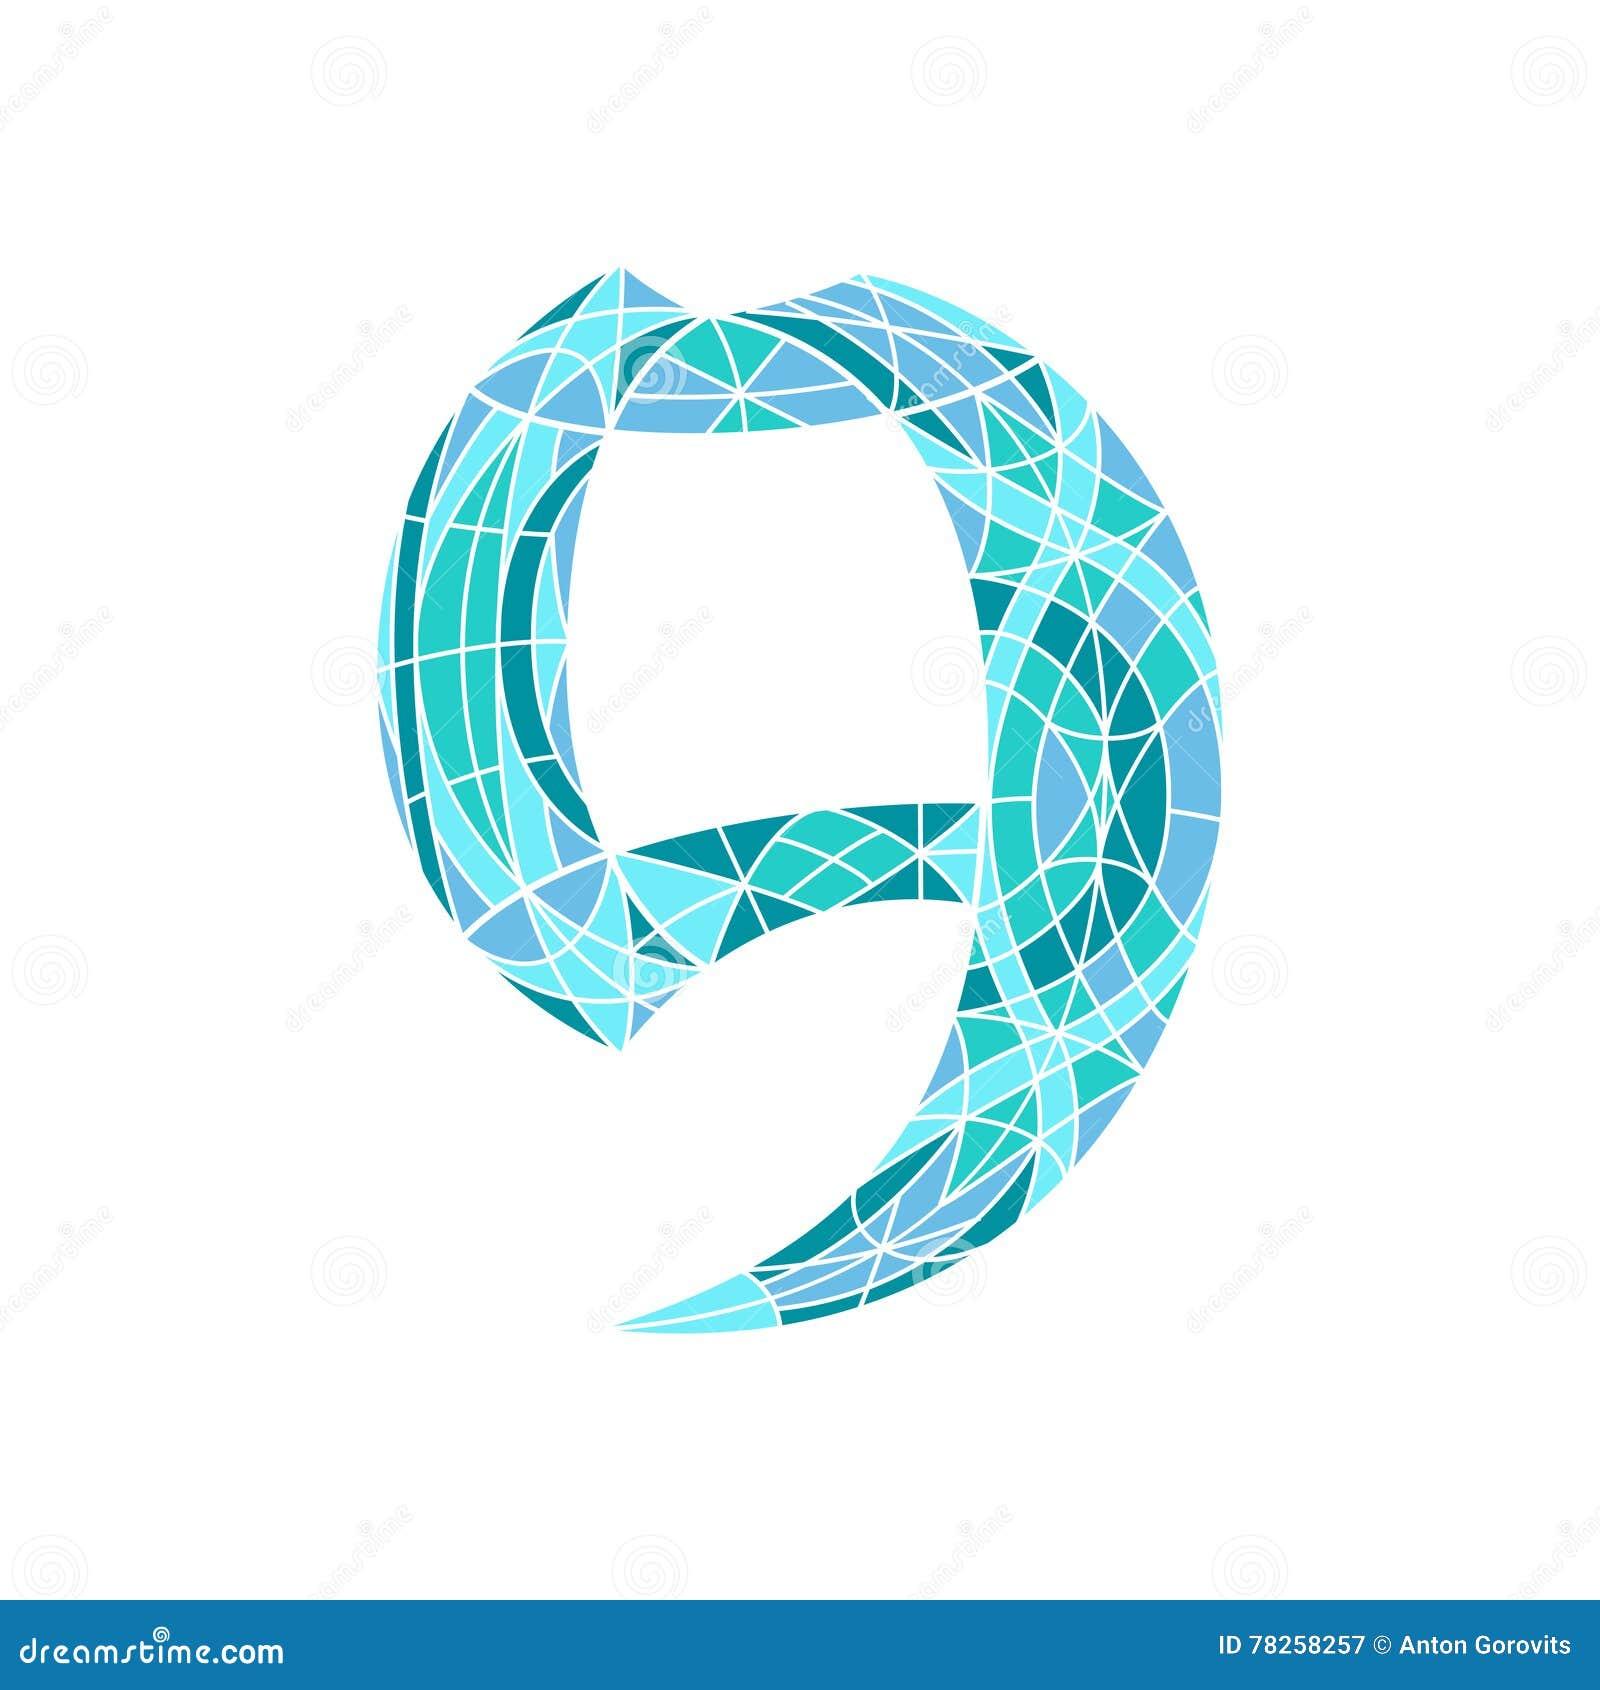 Χαμηλός πολυ αριθμός 9 στο μπλε πολύγωνο μωσαϊκών